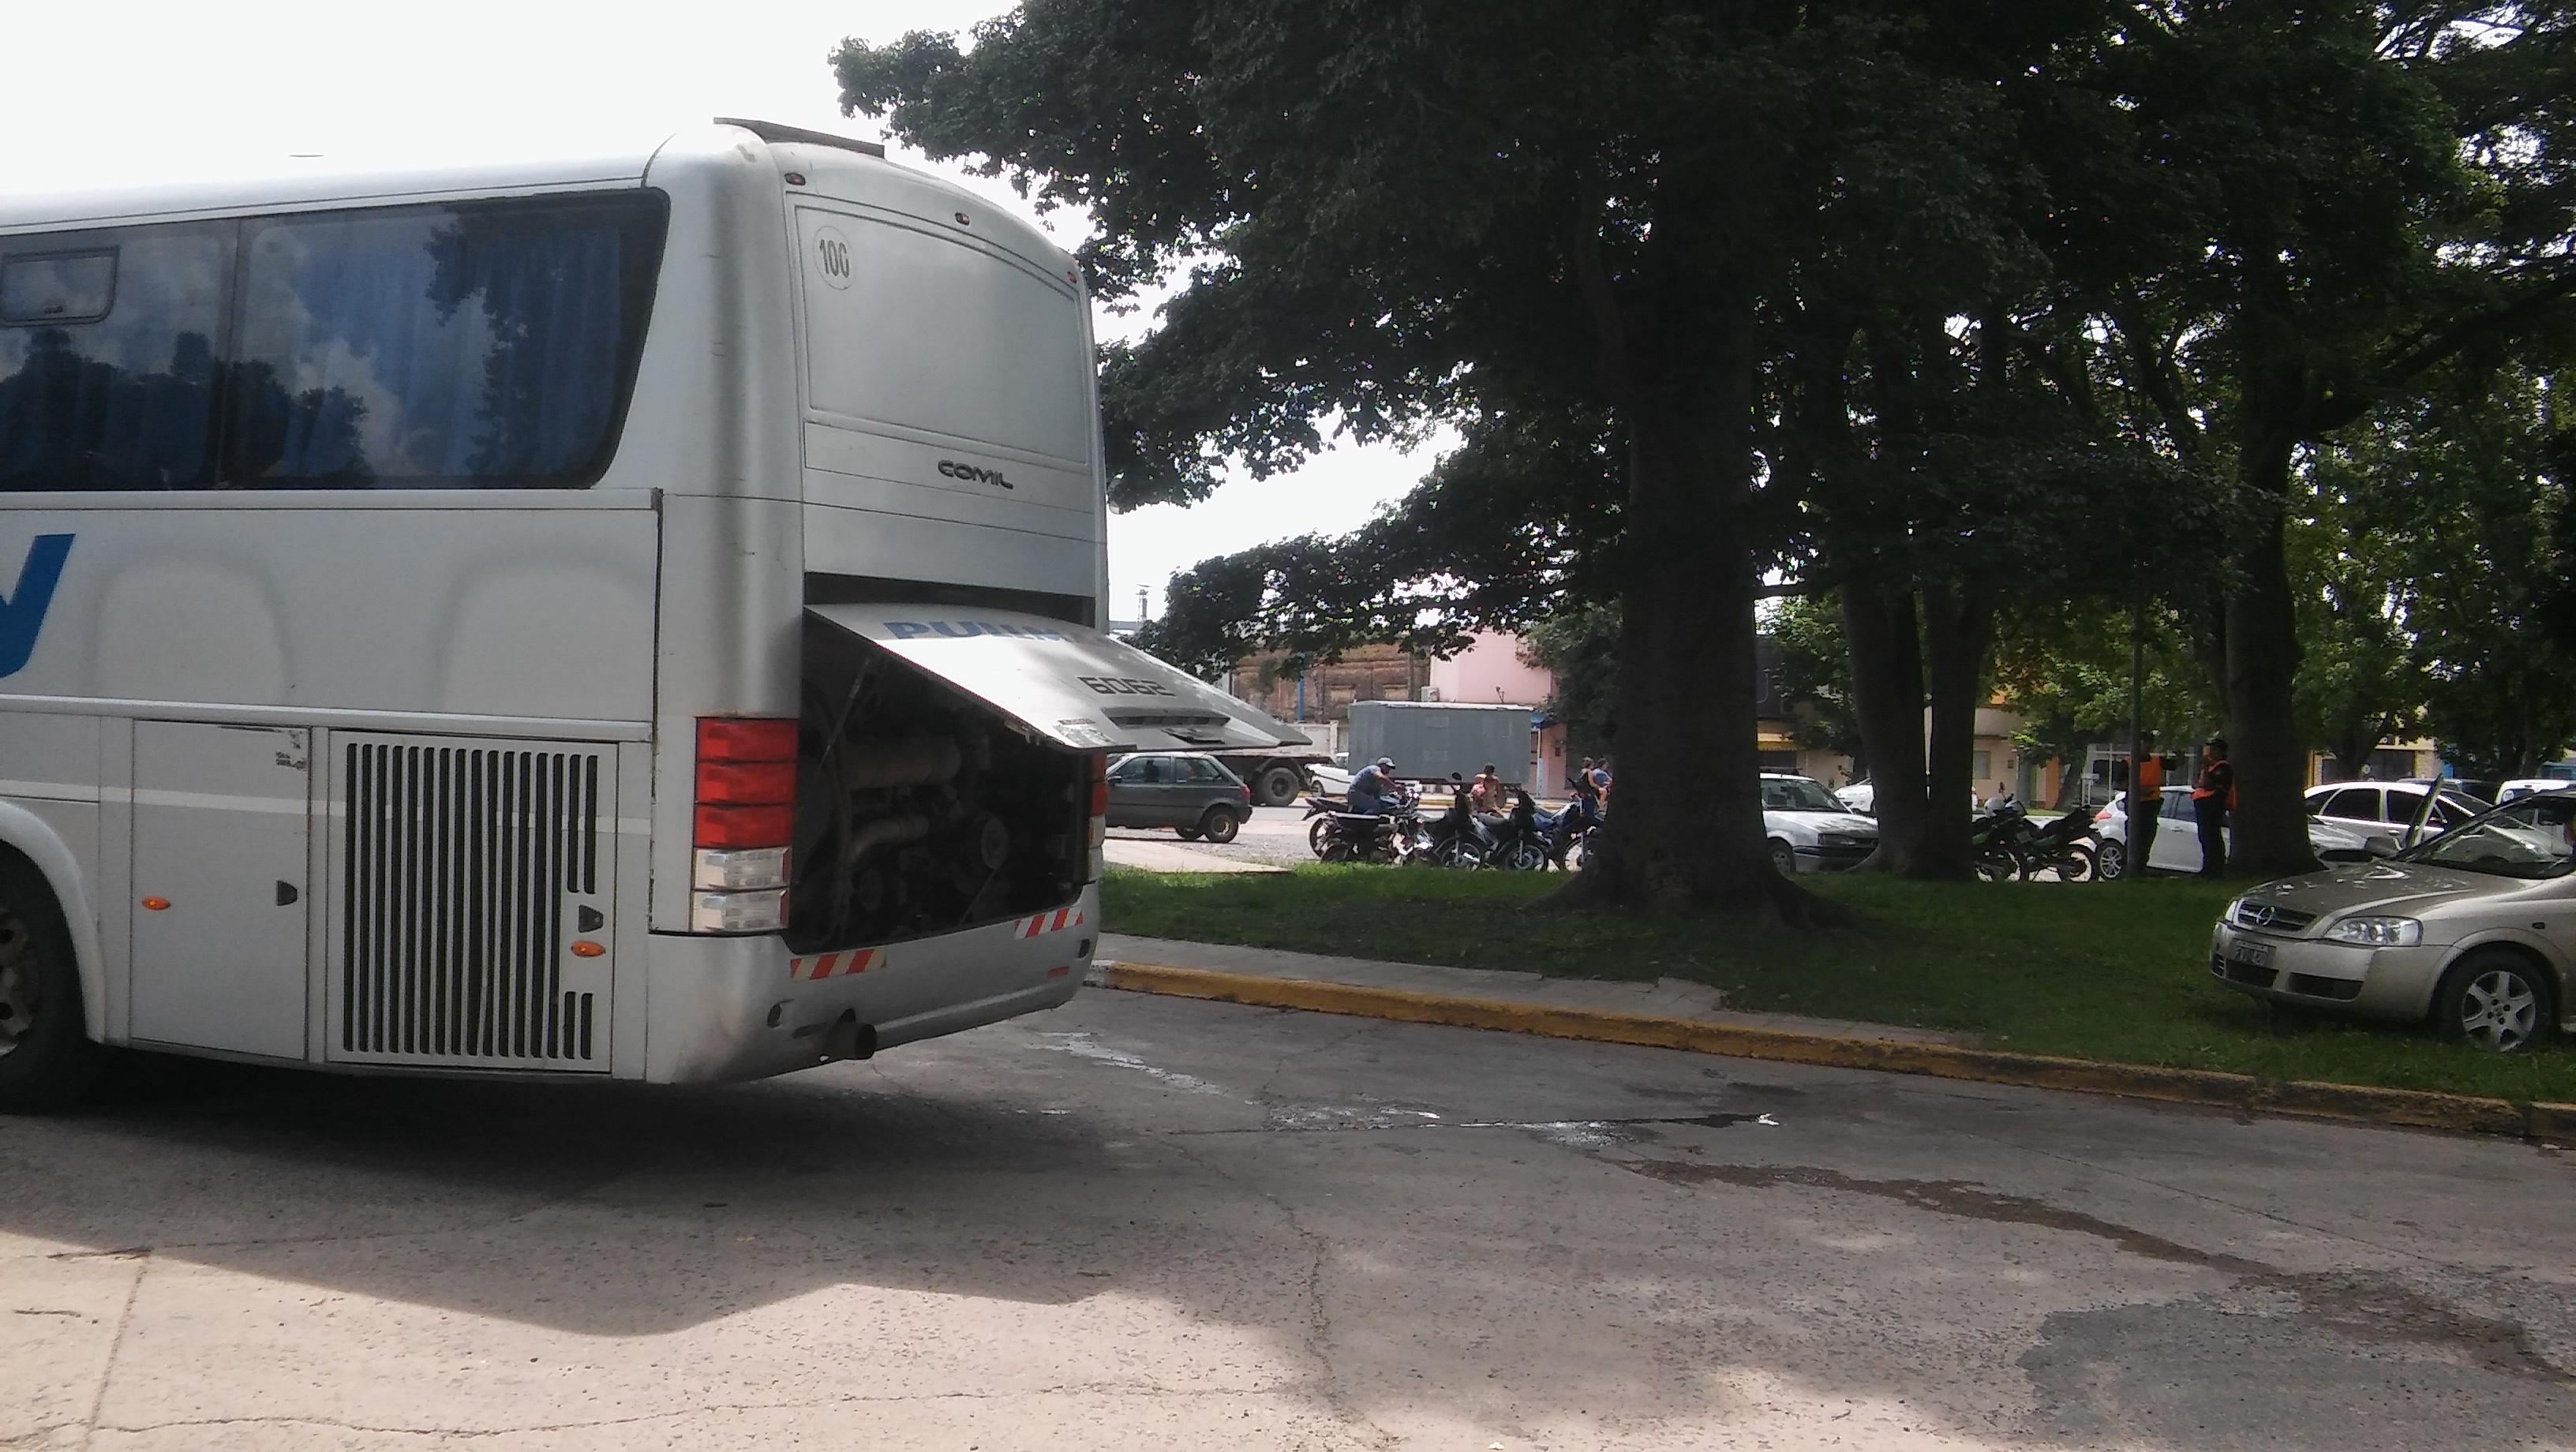 Los pasajeros del micro que salió este domingo 5 de mayo desde Rojas con destino a Rosario a las 14.20 horas debieron padecer un pésimo servicio.